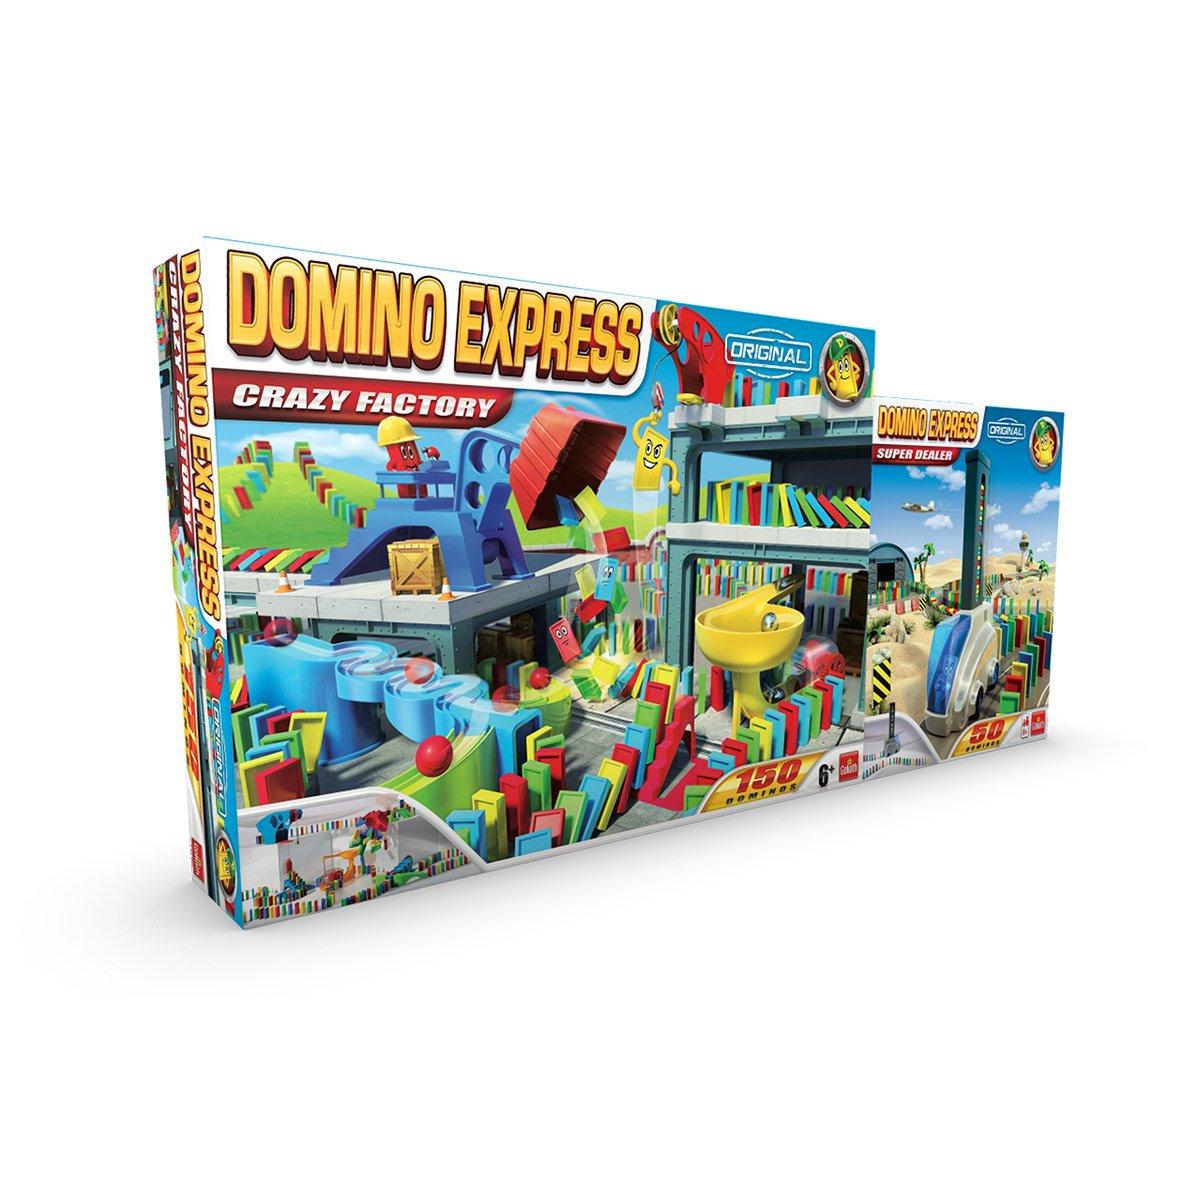 Domino Express Crazy Factory - Jeux D'ambiance - La Grande Récré tout Jeux Domino Gratuit En Ligne